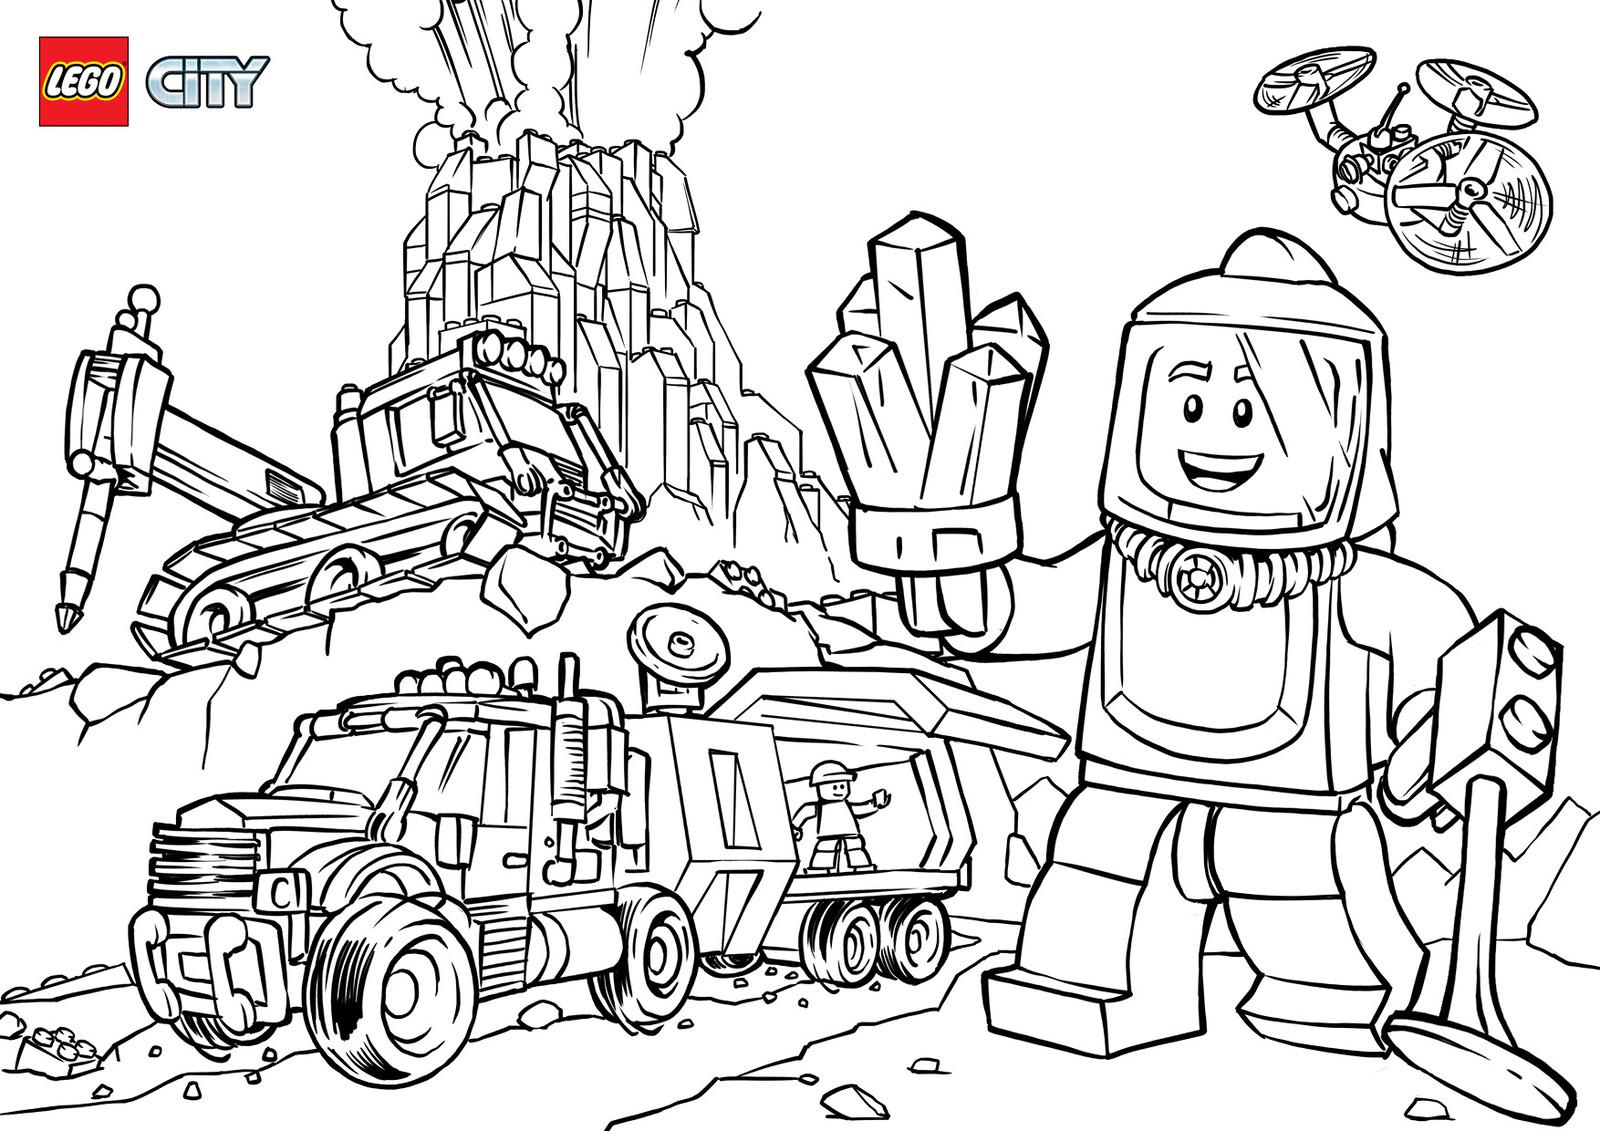 Раскраски Лего Сити 🖌 скачать и распечатать онлайн